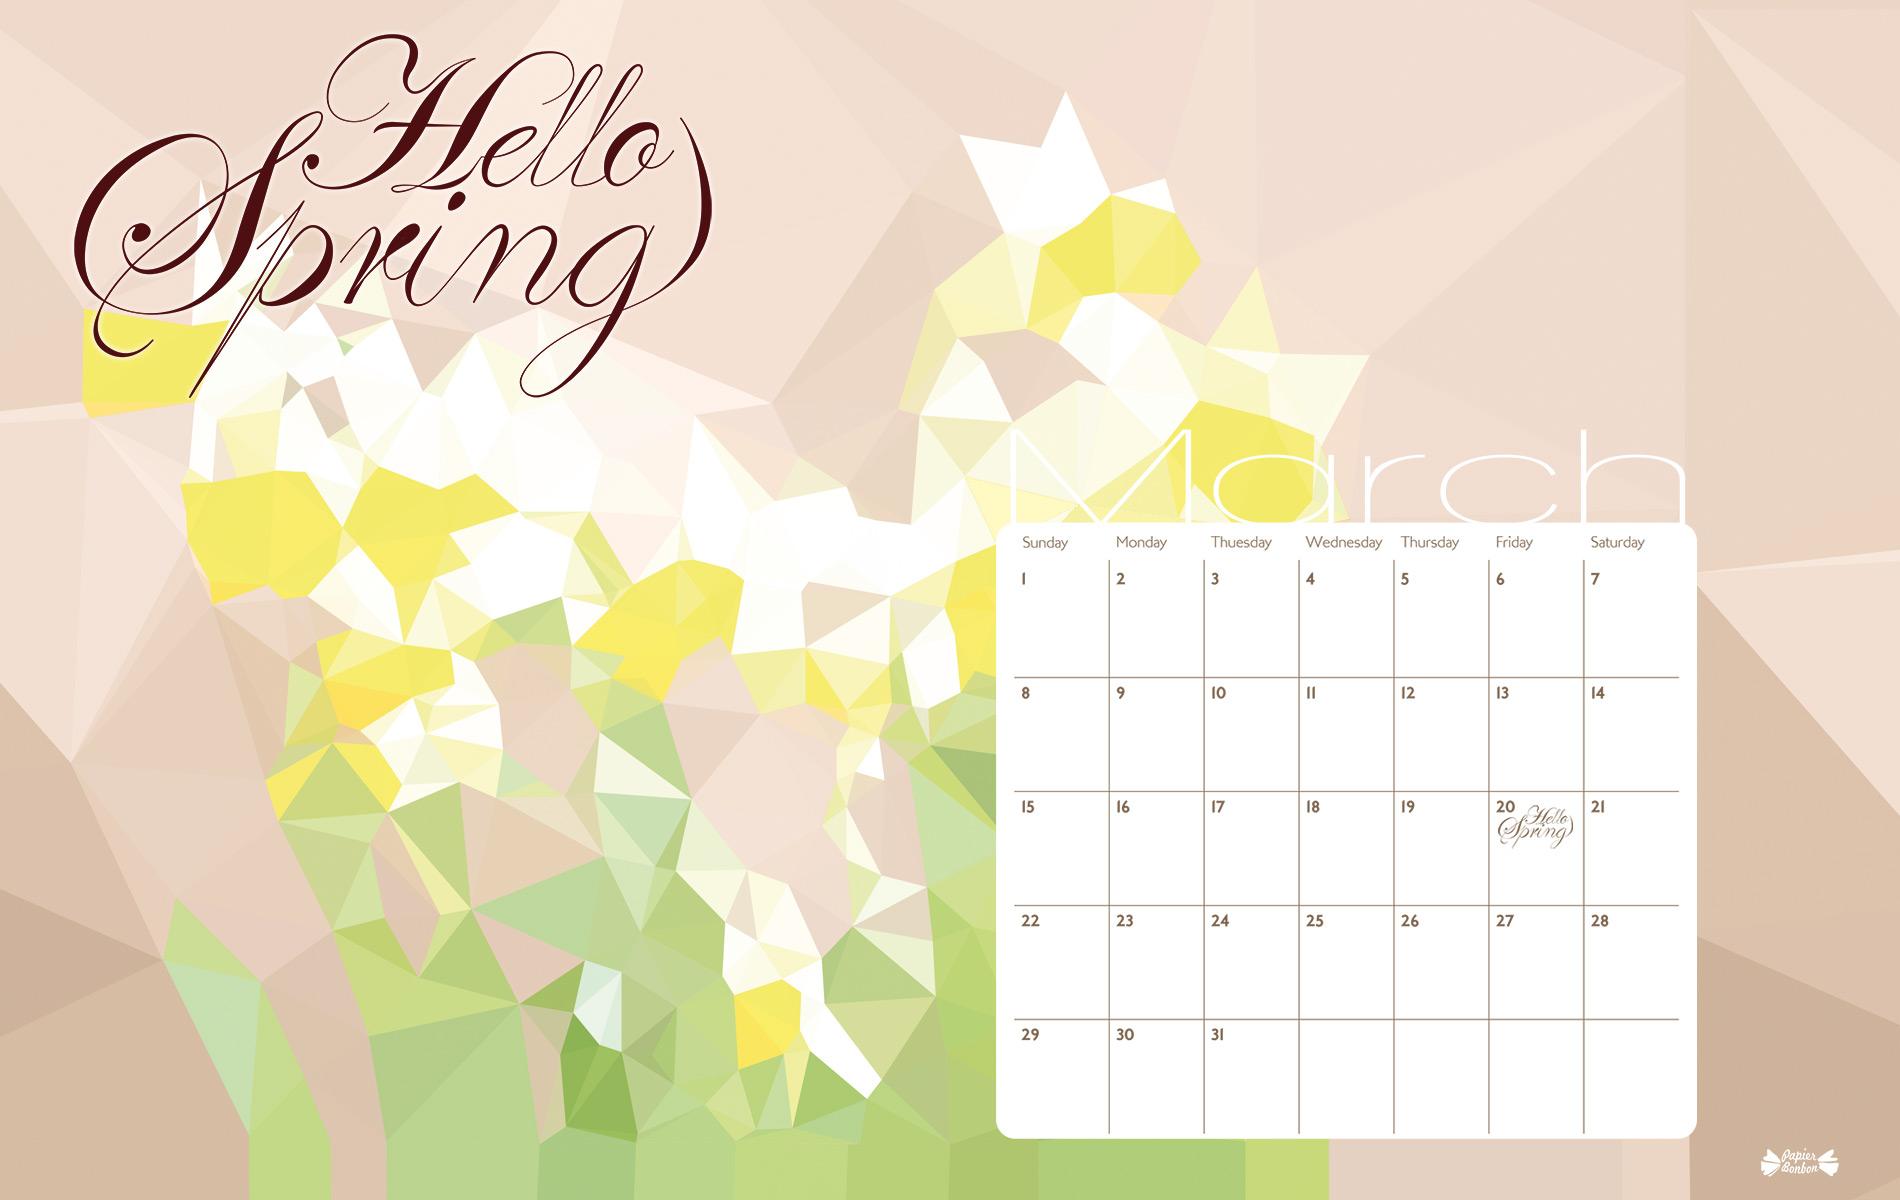 March 2015 calendar printable   Hello Spring   Papier Bonbon 1900x1200